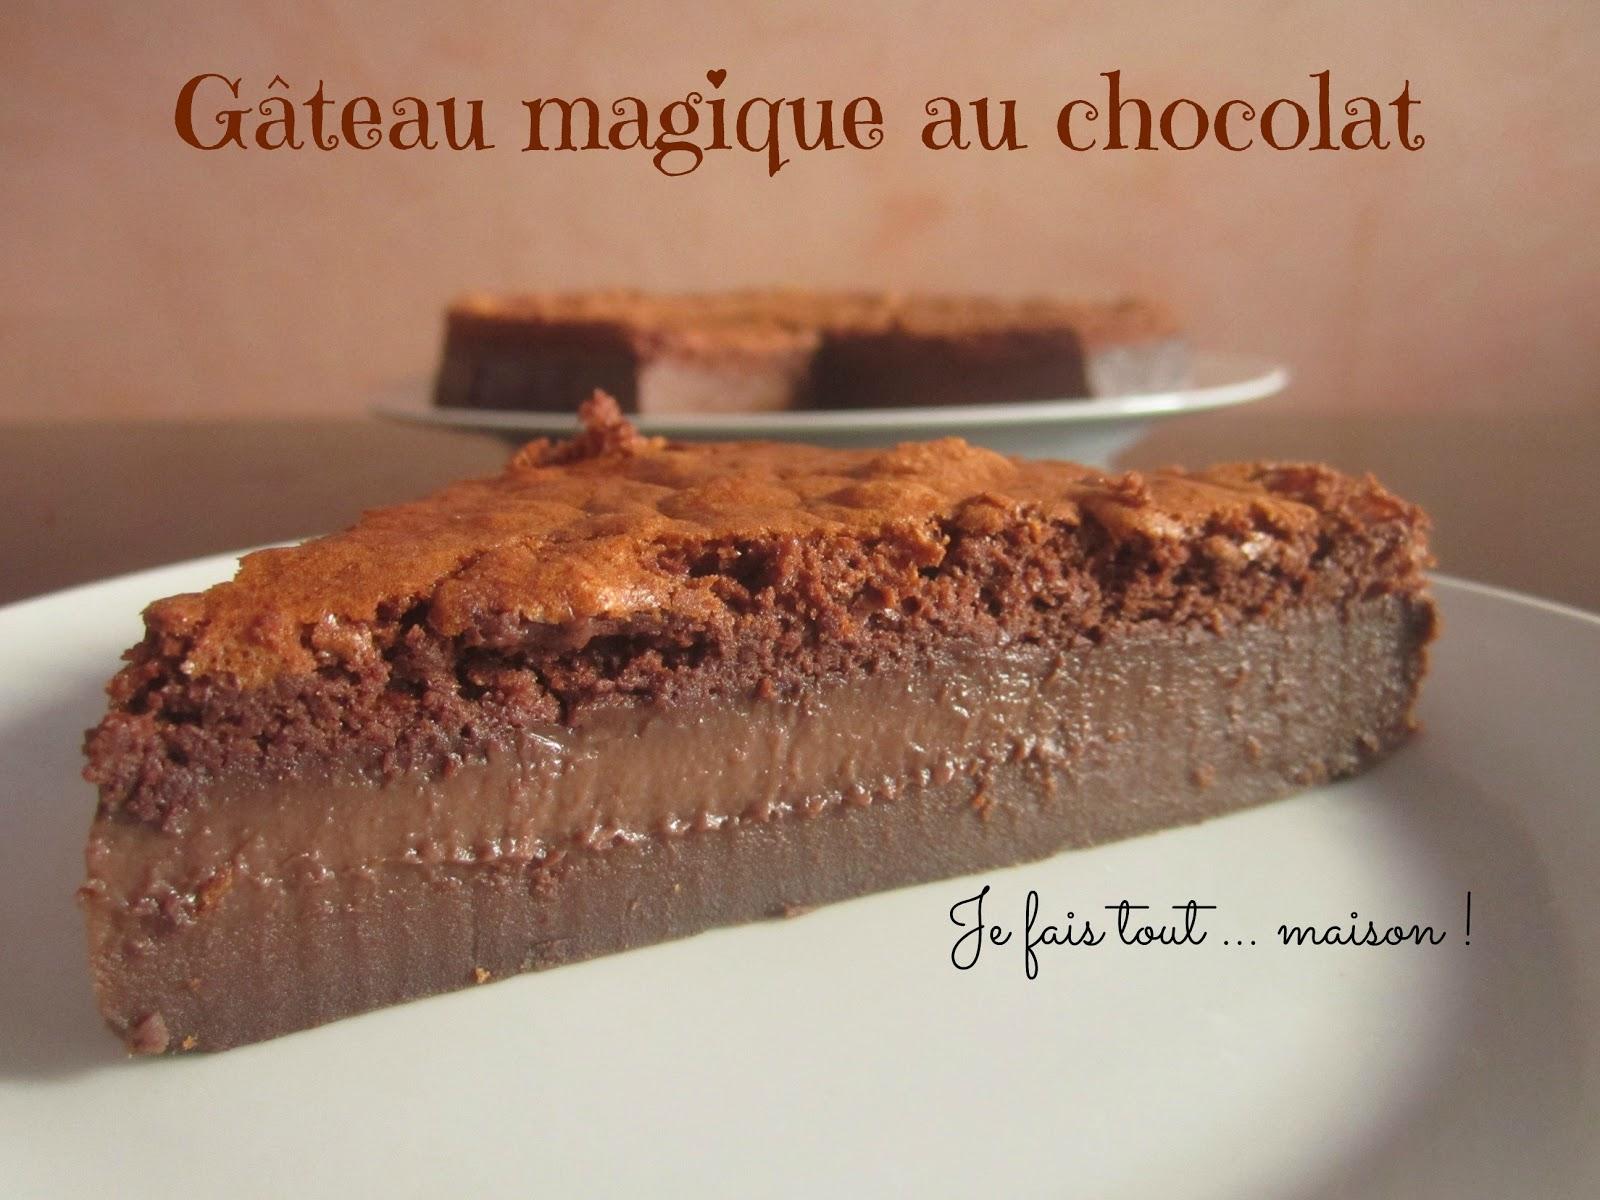 Bon anniversaire Lilith13 - Page 2 Gateau-magique-chocolat-recette